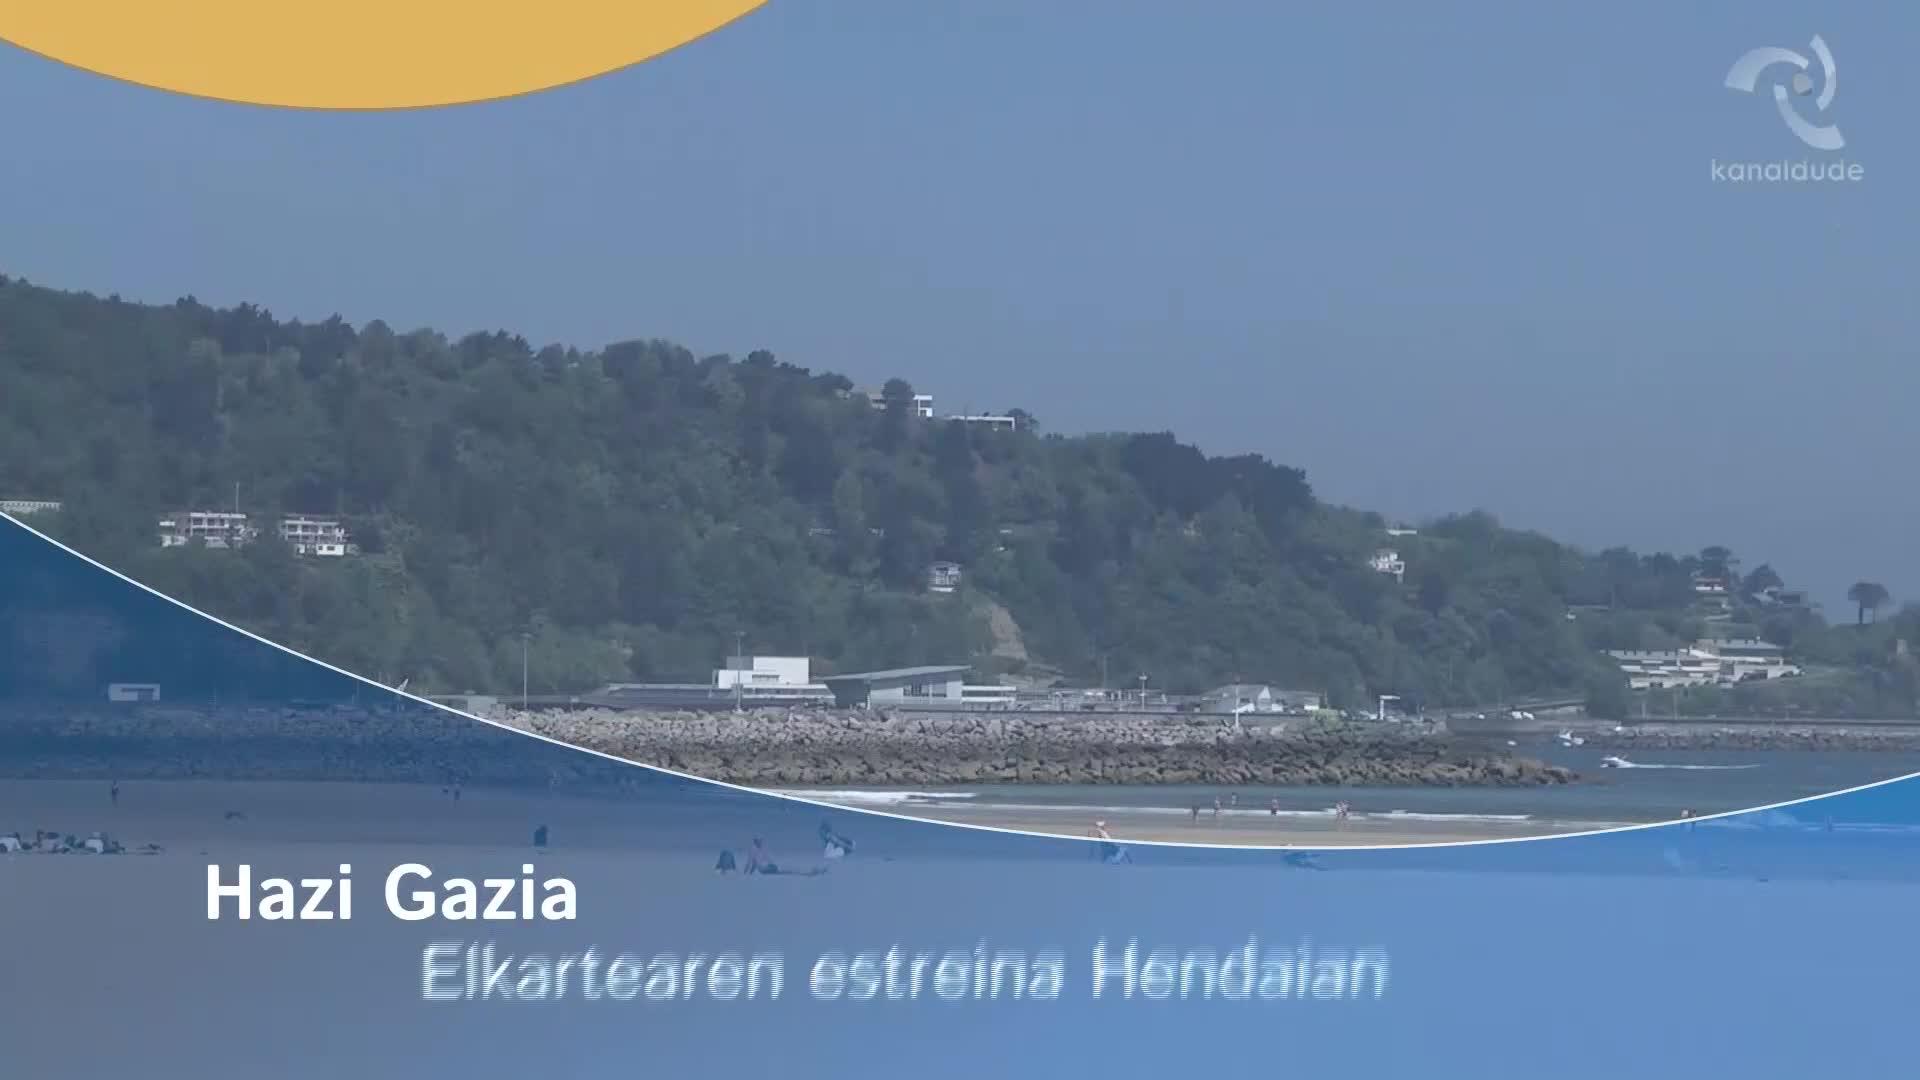 Hazi Gazia elkartearen estreina Hendaian